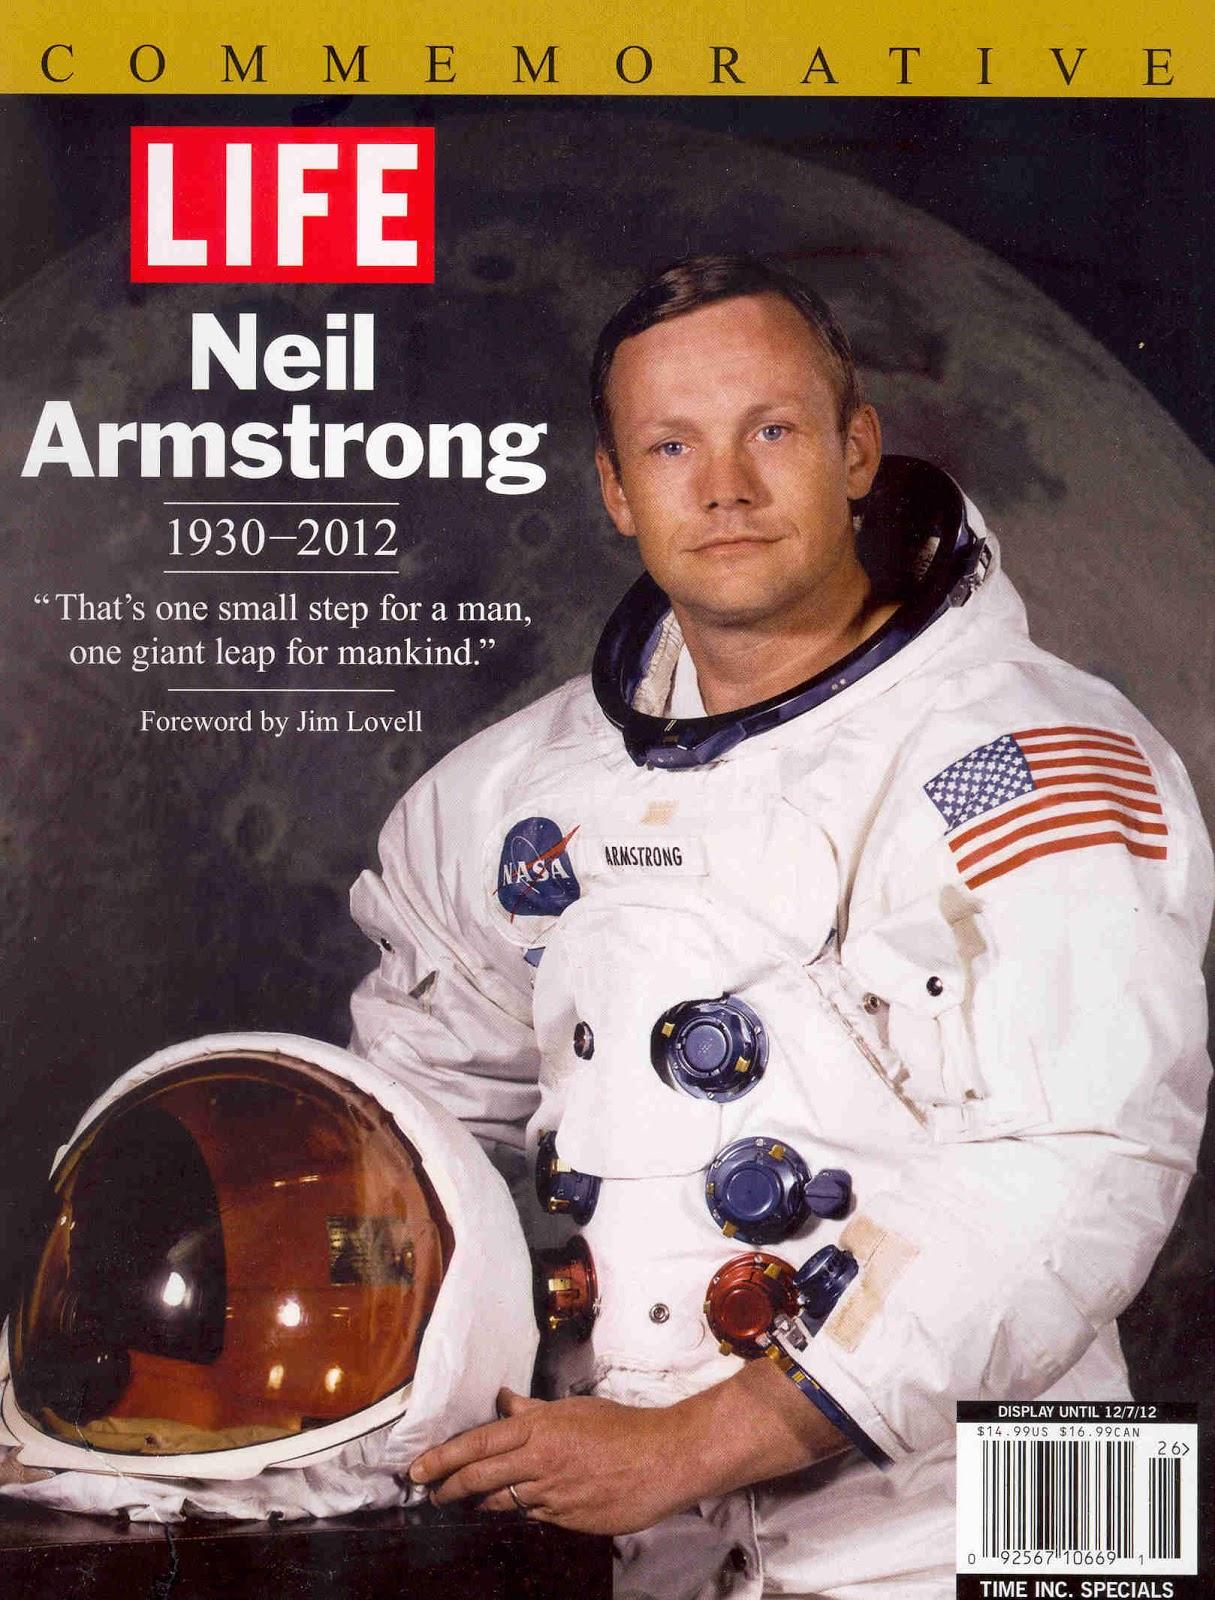 michael collins astronaut death - photo #39